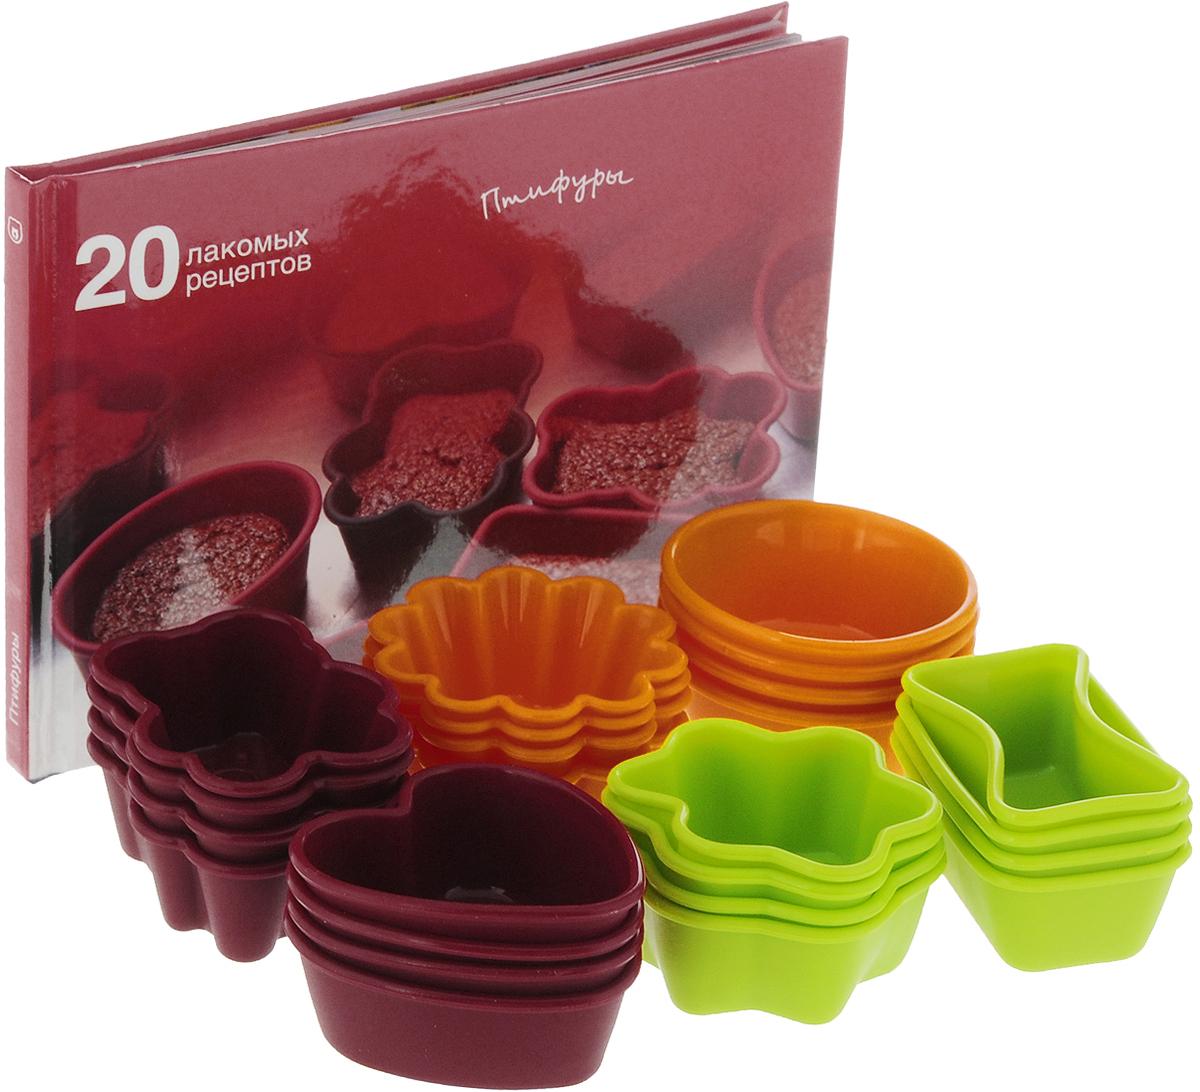 Набор форм для выпечки Oursson, цвет: бордовый, оранжевый, зеленый, 24 штET37/27Набор форм Oursson будет отличным выбором для всех любителей домашней выпечки. Набор состоит из 24 силиконовых форм.Силиконовые формы для выпечки имеют множество преимуществ по сравнению с традиционными металлическими формами и противнями. Нет необходимости смазывать форму маслом. Она быстро нагревается, равномерно пропекает, не допускает подгорания выпечки с краев или снизу.Материал устойчив к фруктовым кислотам, не ржавеет, на нем не образуются пятна. В комплекте к формам идет книга с 20 рецептами для приготовления Птифуров. Формы могут быть использованы в духовых шкафах и микроволновых печах (выдерживают температуру от -20°С до +220°С), также их можно помещать в морозильную камеру и холодильник.